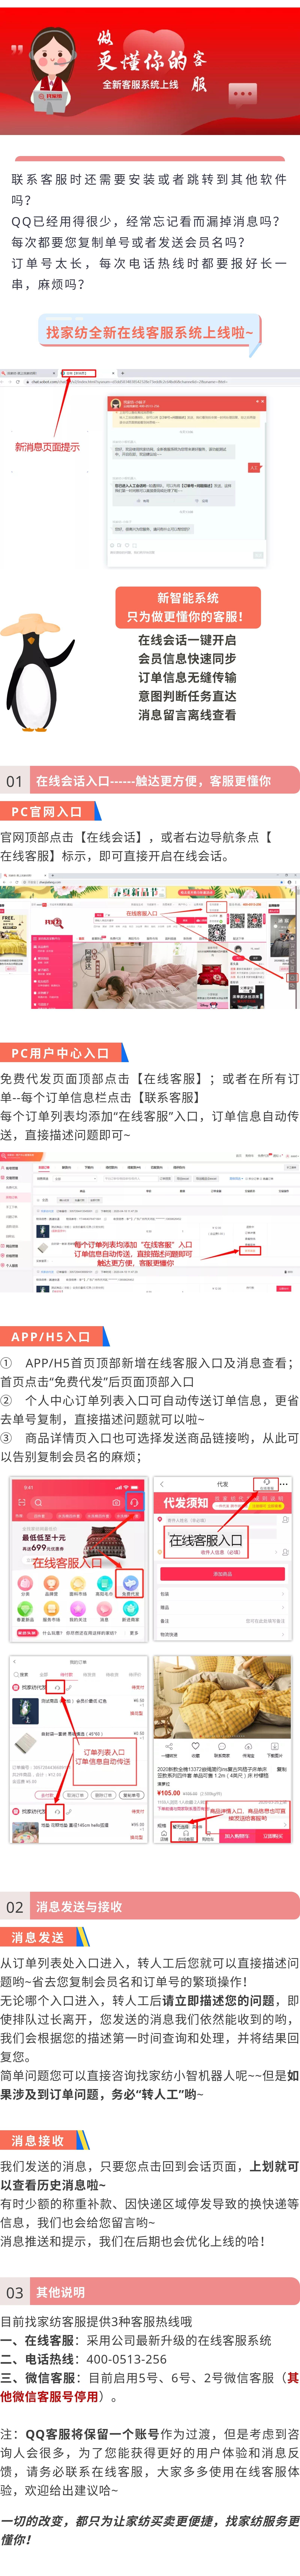 http://qiniu.zhaojiafang.com/data/upload/shop/article/QN06407177187570851.jpg